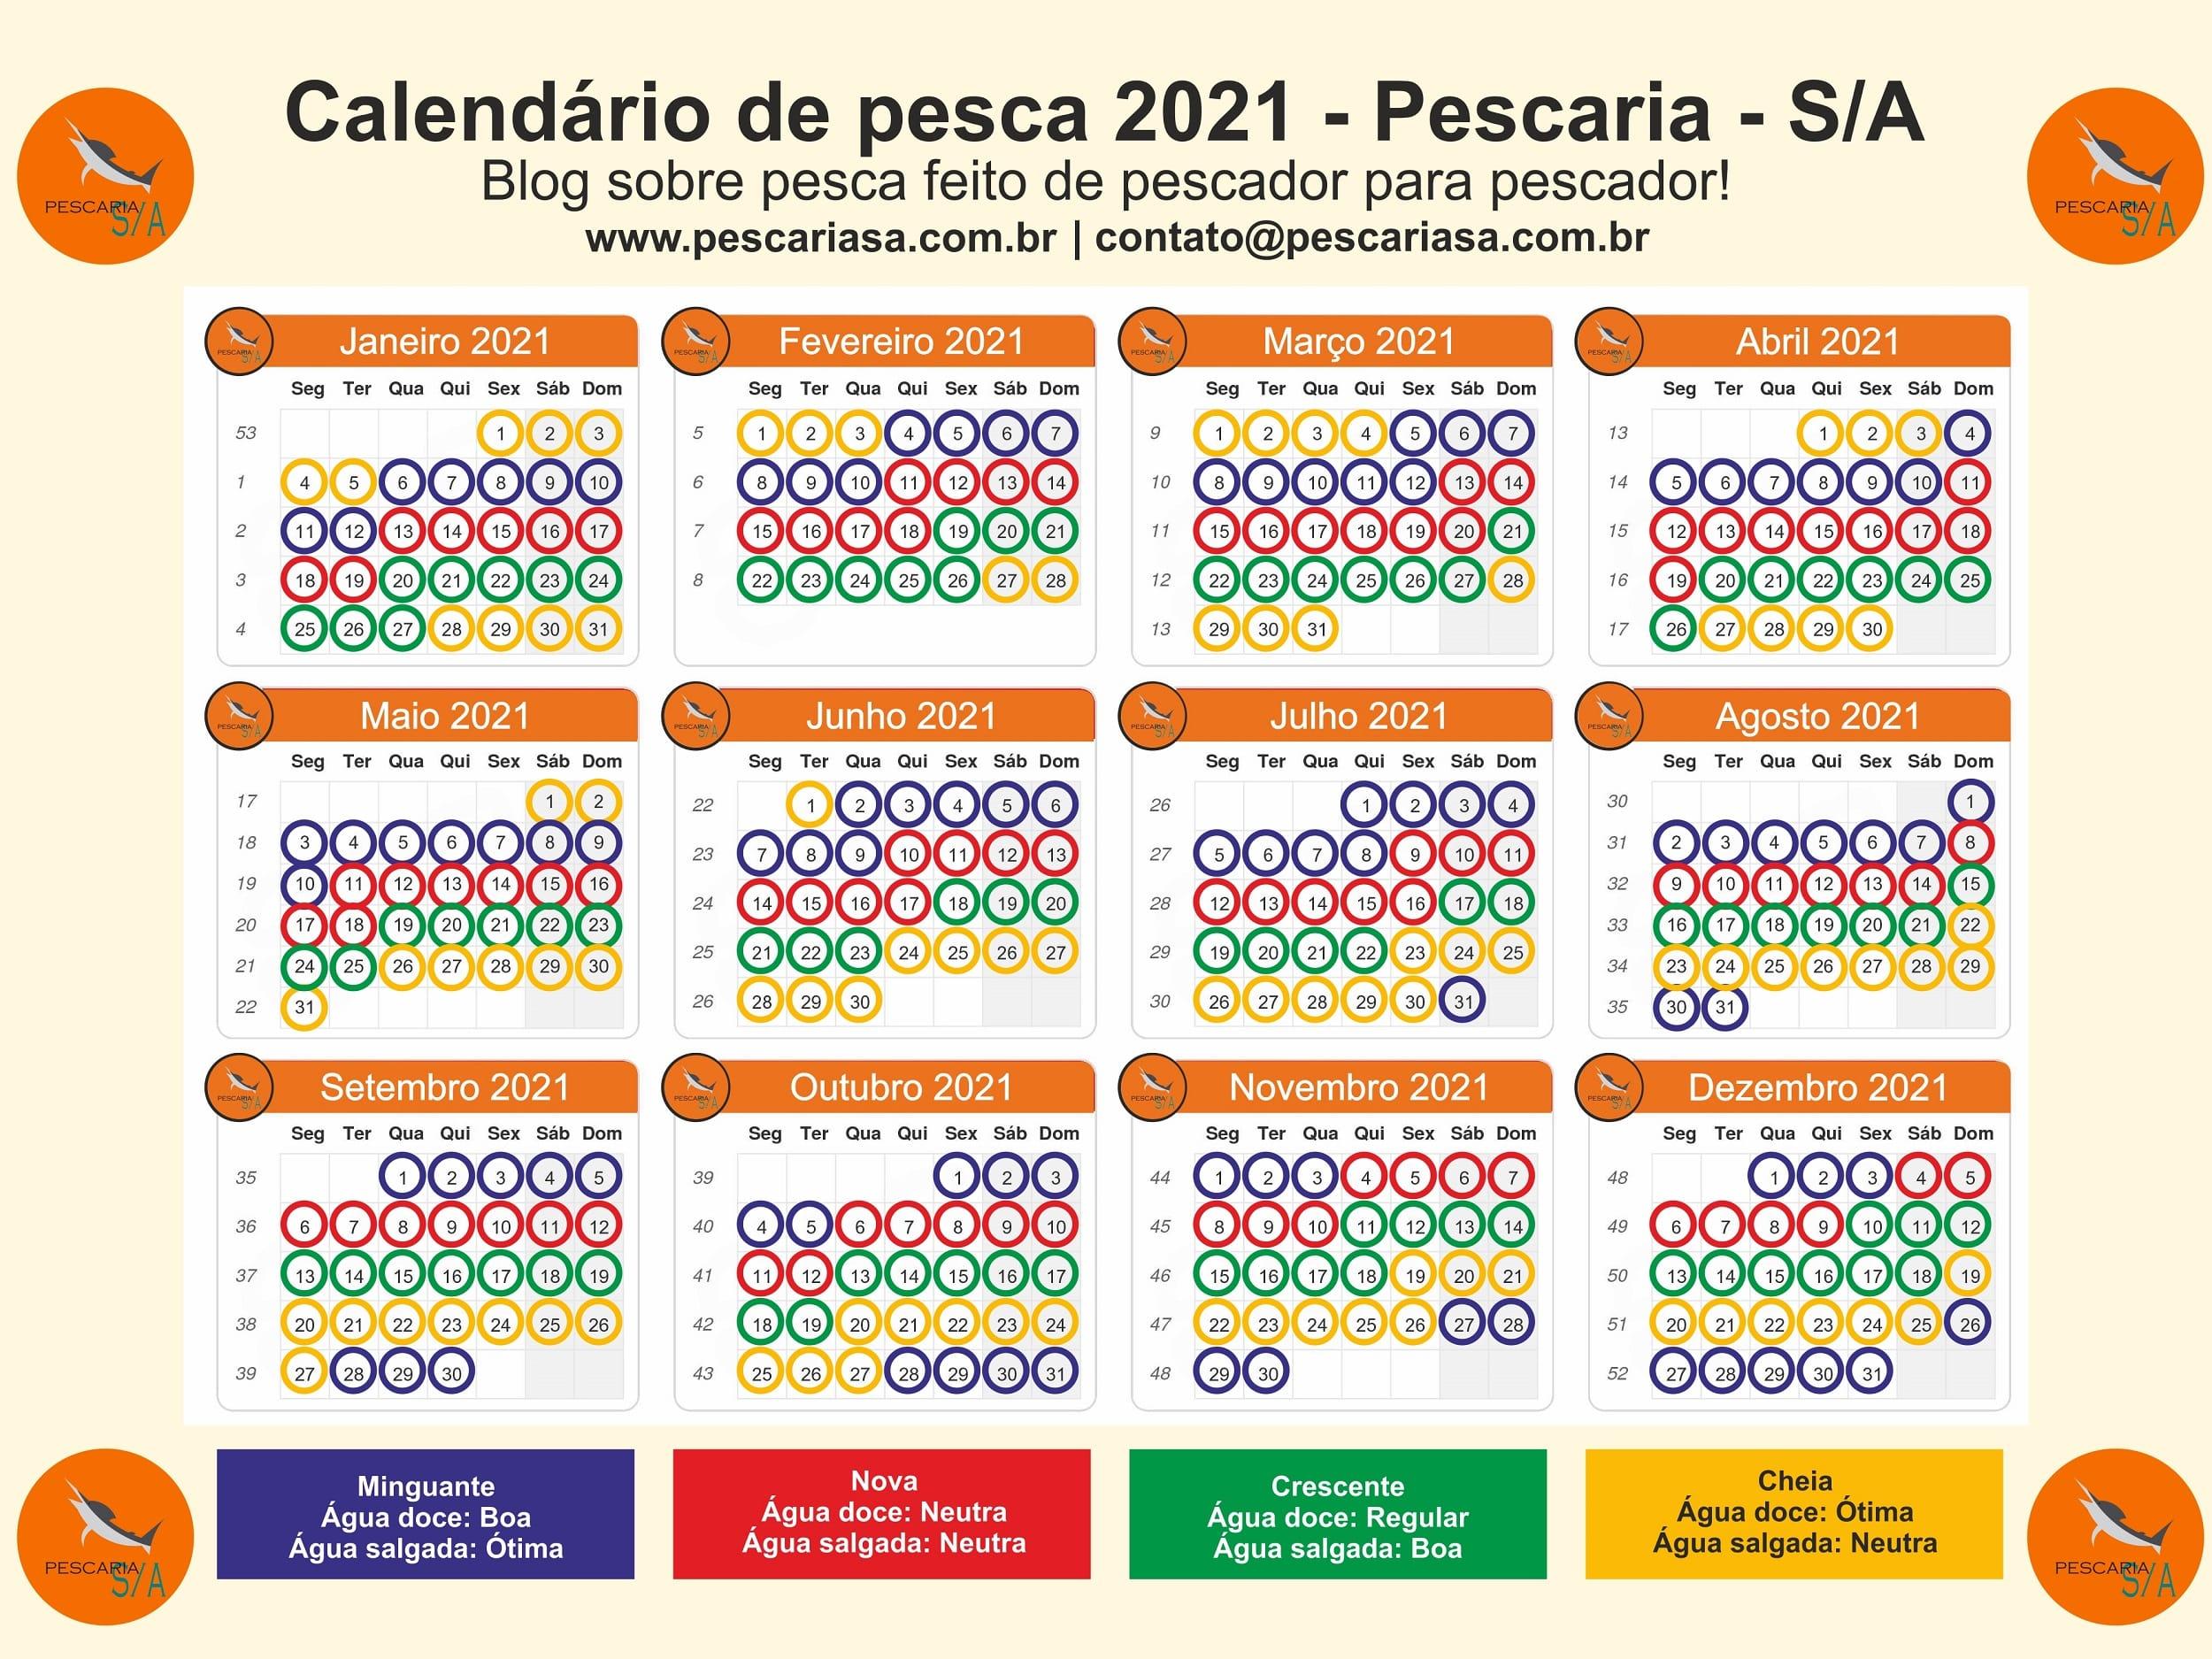 baixar grátis calendário de pesca 2021